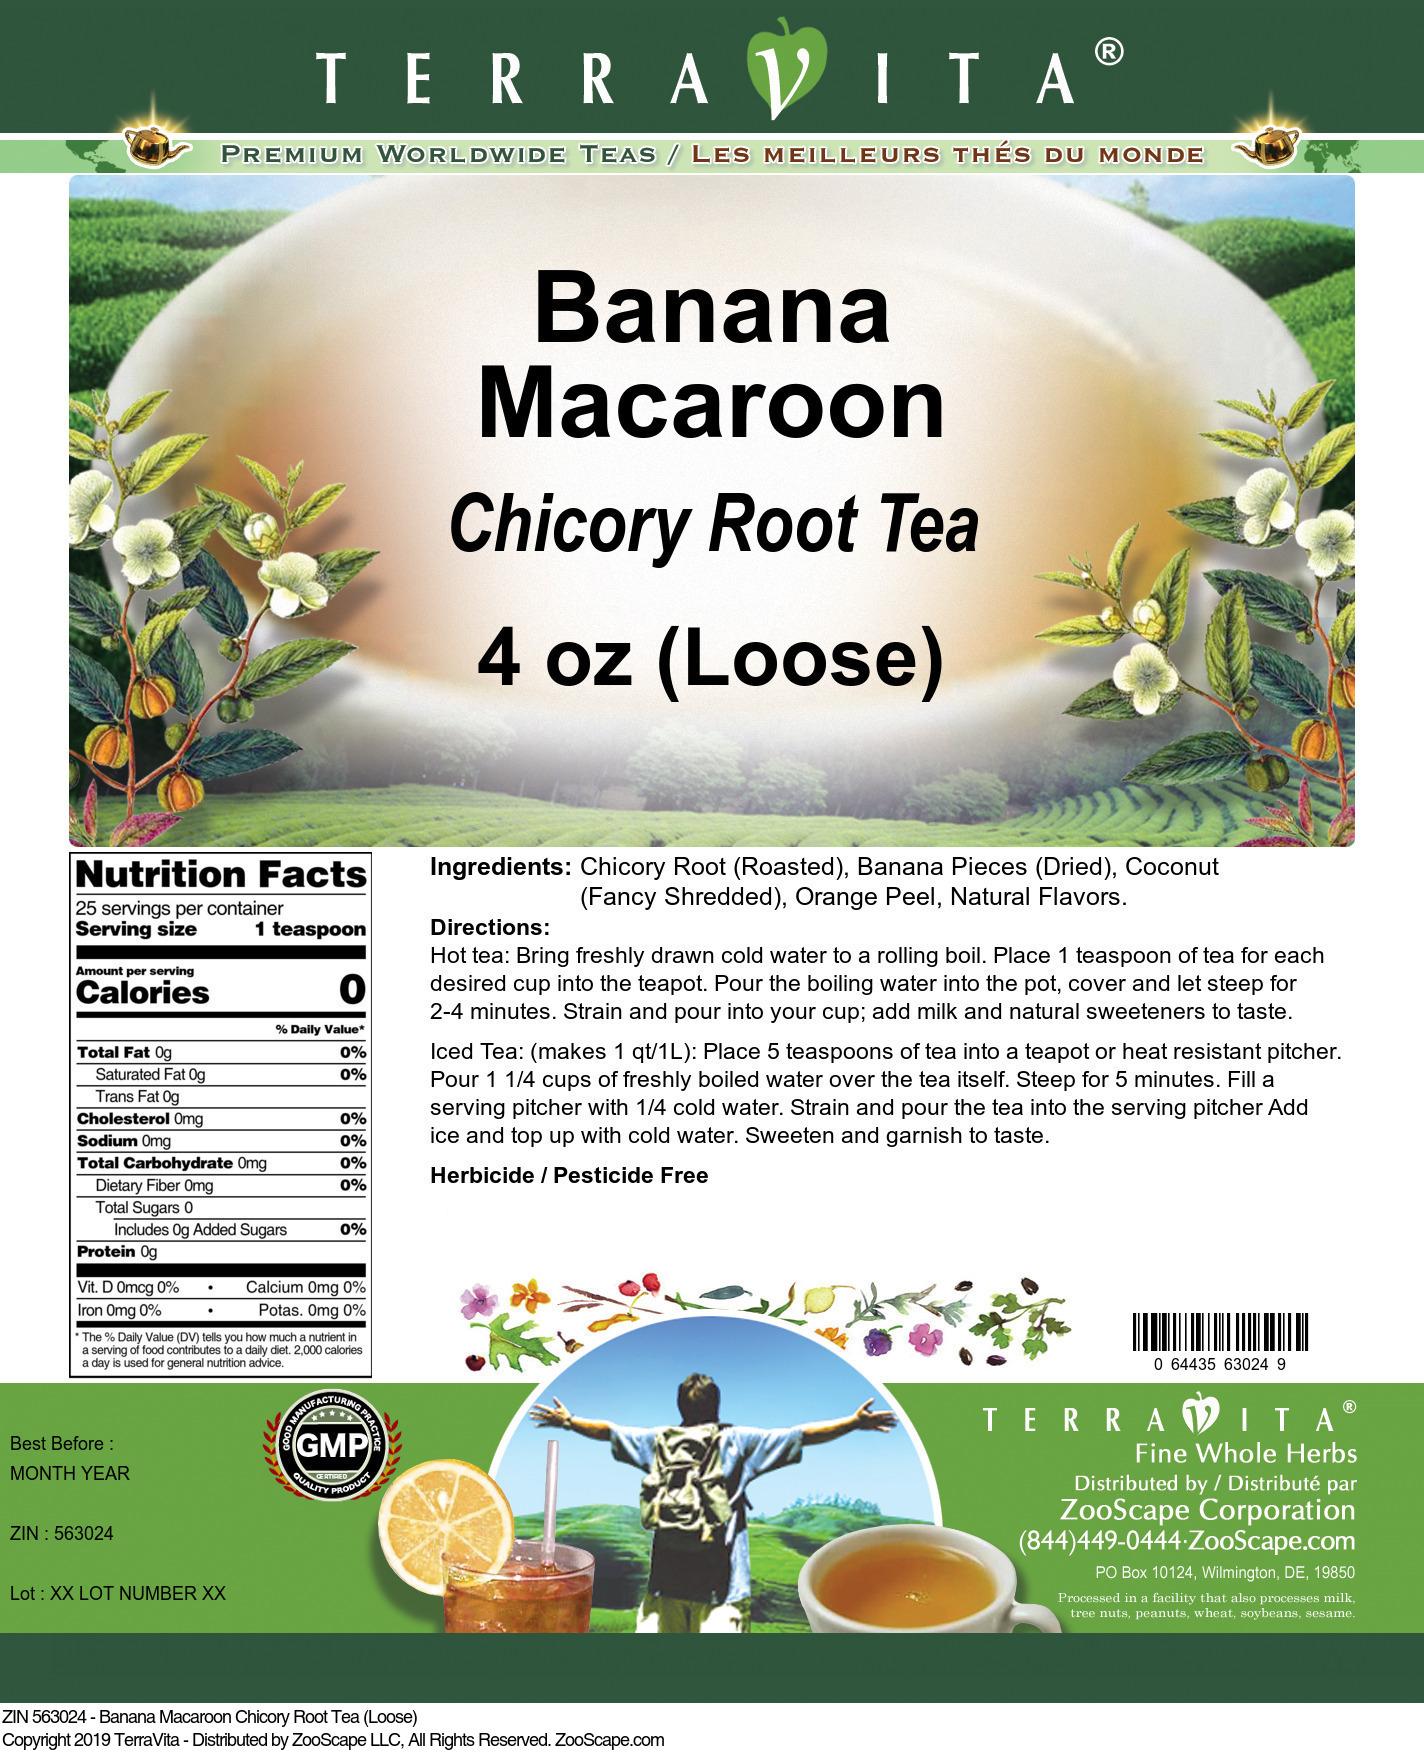 Banana Macaroon Chicory Root